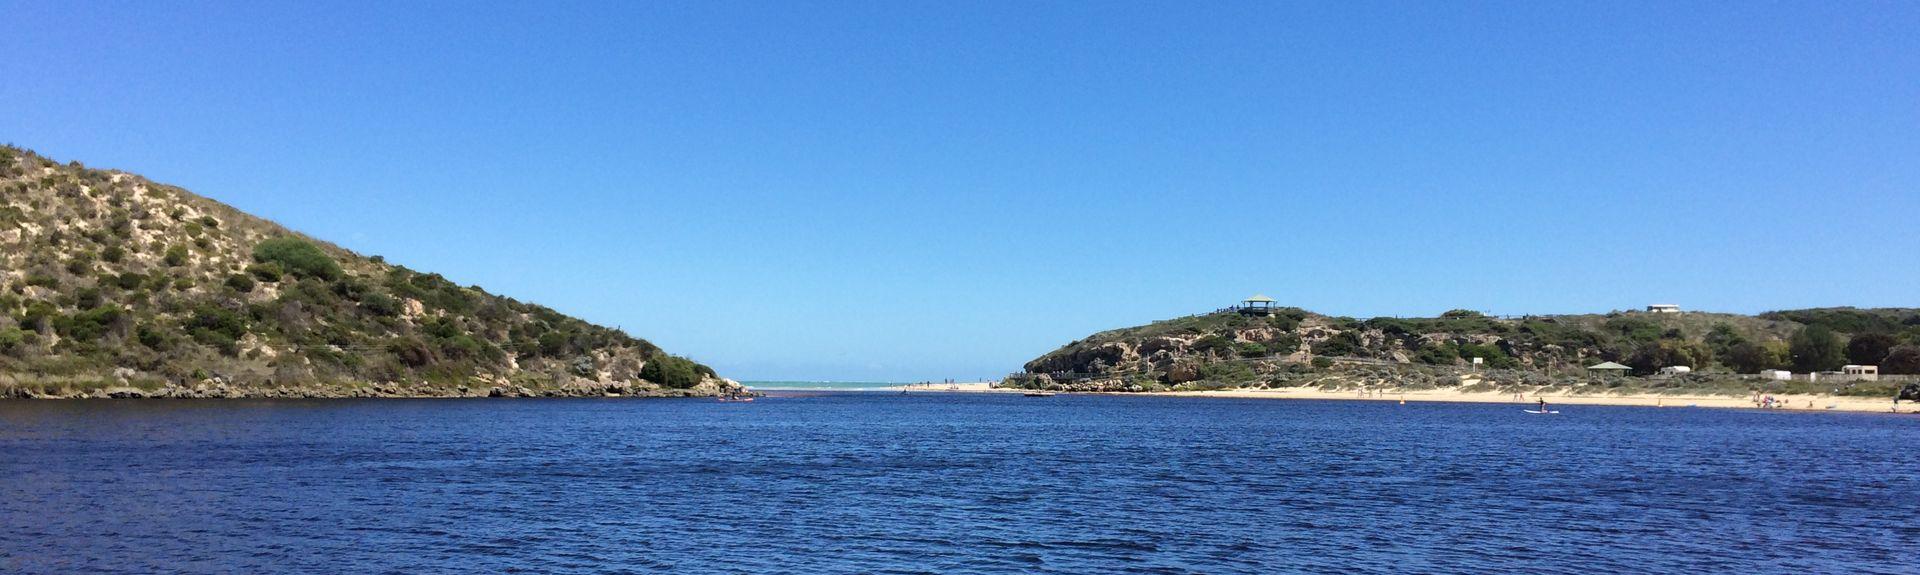 Wanneroo WA, Australia